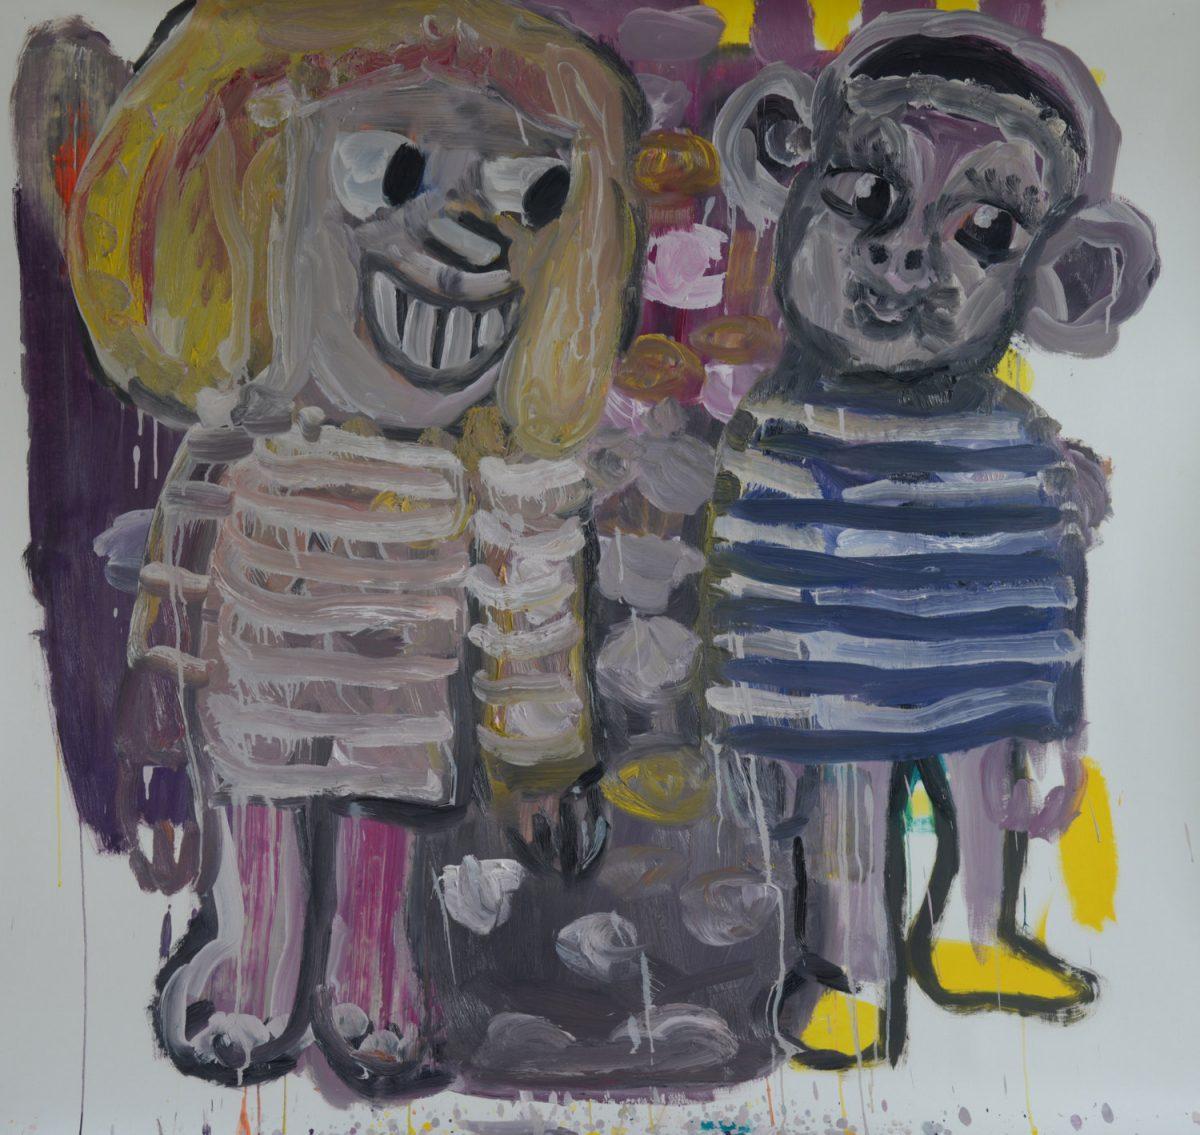 Charlotte et Gary datant décembre 2014